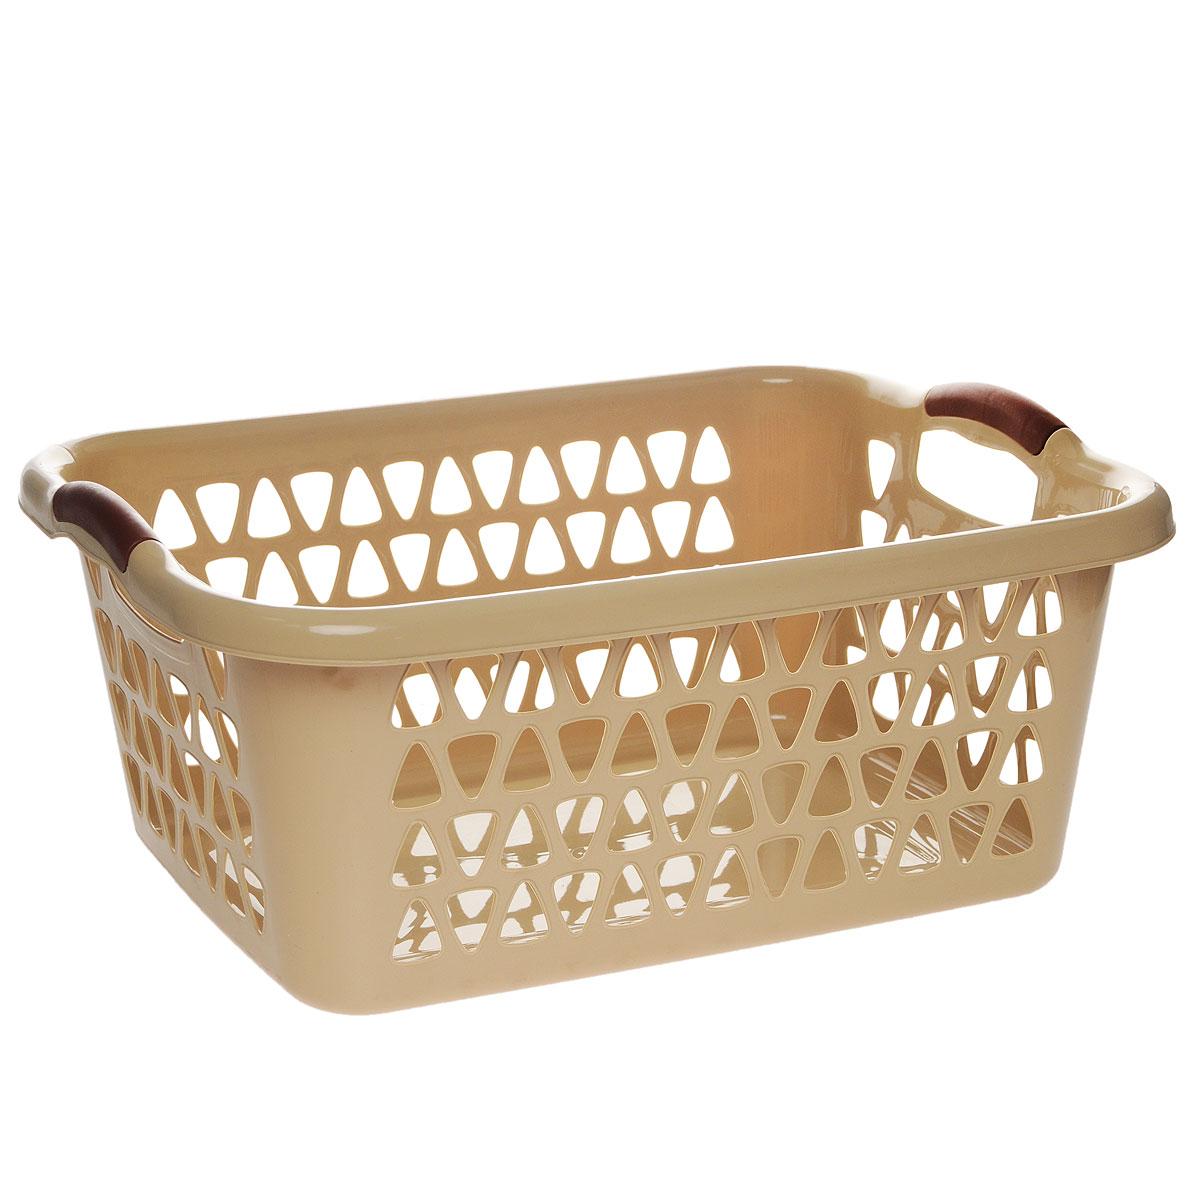 Корзина для хранения Dunya Plastik Симпатия, прямоугольная, цвет: бежевый, 51 х 35 х 20 см4W-107Классическая корзина Dunya Plastik Симпатия, изготовленная из пластика, предназначена для хранения мелочей в ванной, на кухне, даче или гараже. Позволяет хранить мелкие вещи, исключая возможность их потери. Это легкая корзина со сплошным дном, жесткой кромкой, с небольшими отверстиями. Изделие оснащено удобными ручками.Размер: 51 см х 35 см х 20 см.